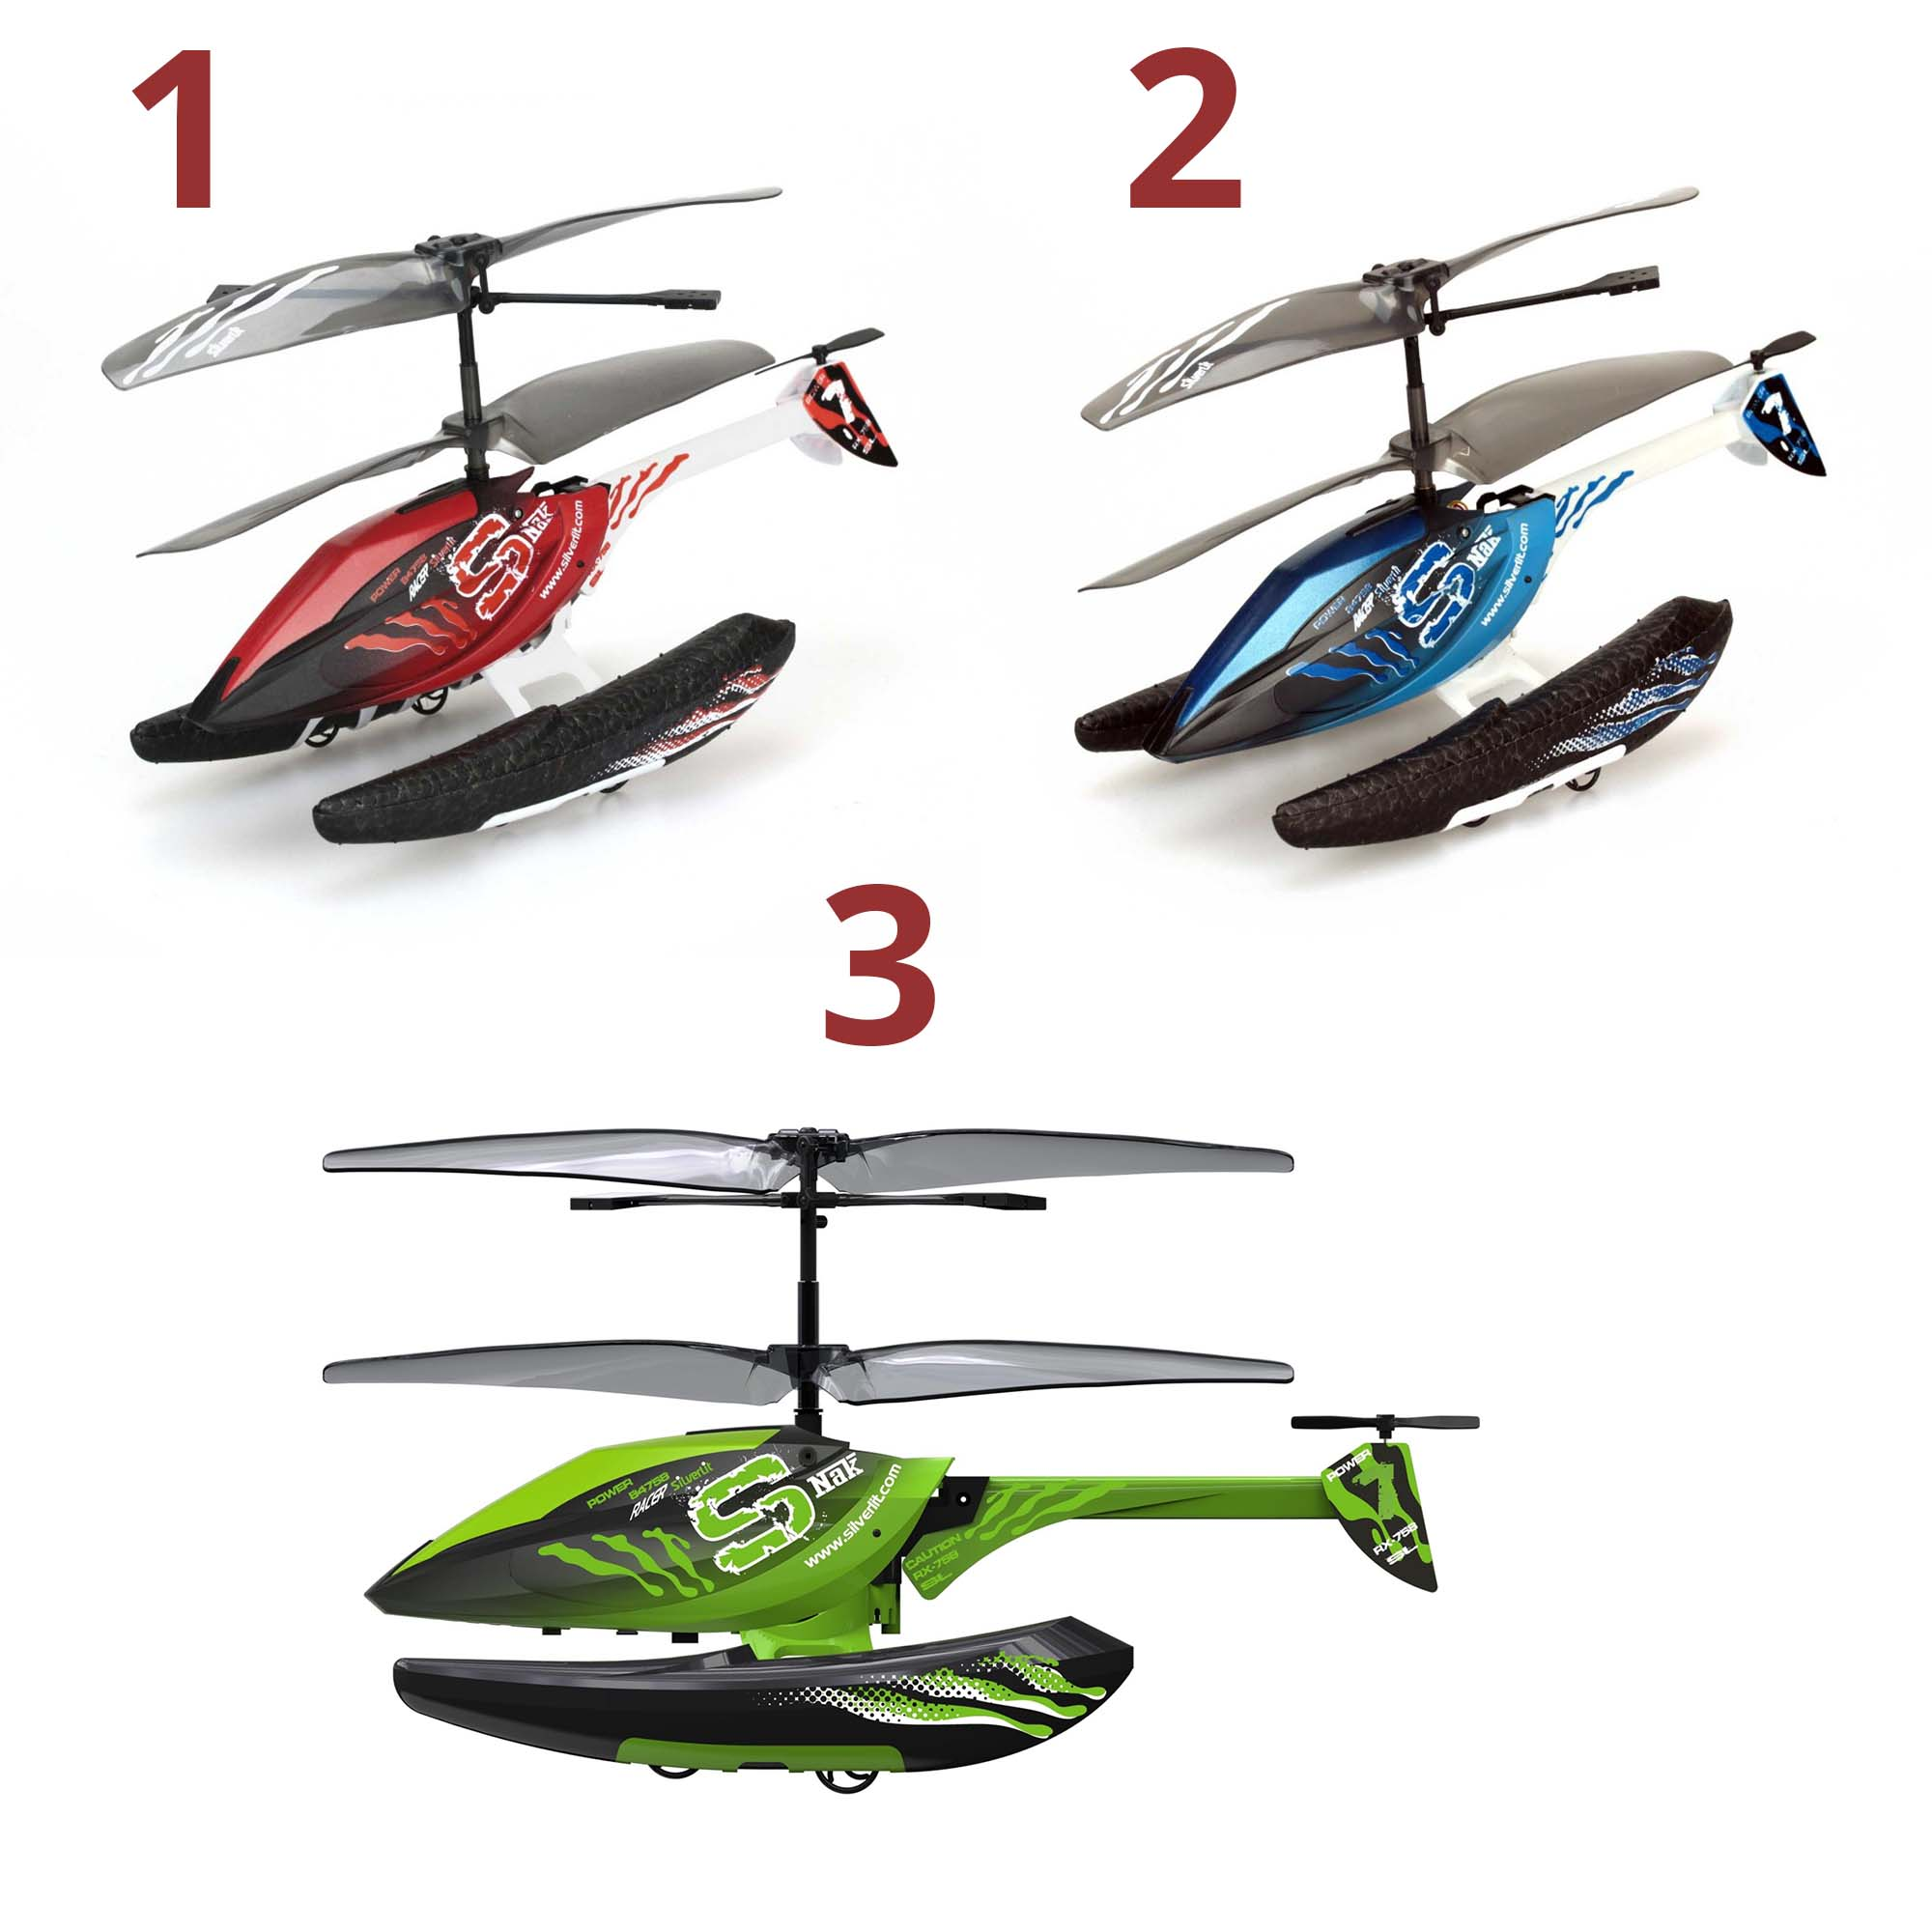 Вертолет 3-х канальный Silverlit ГидрокоптерРадиоуправляемые вертолеты<br>Вертолет 3-х канальный Silverlit Гидрокоптер<br>